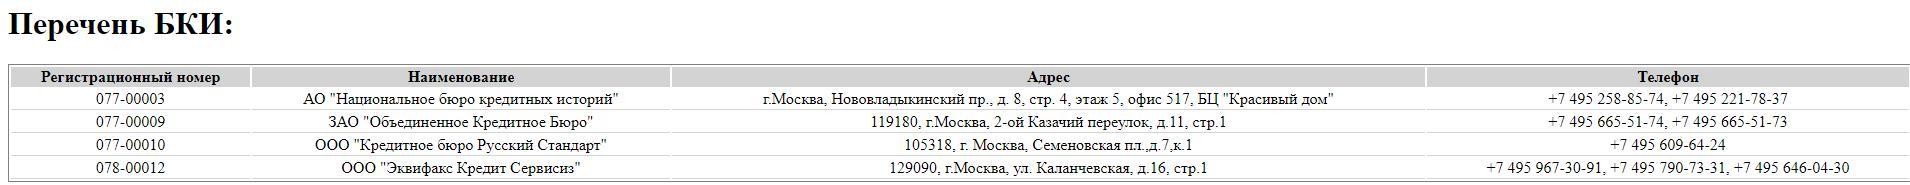 бки москва центральное официальное бюро адрес онлайн займ на киви creditoros ru